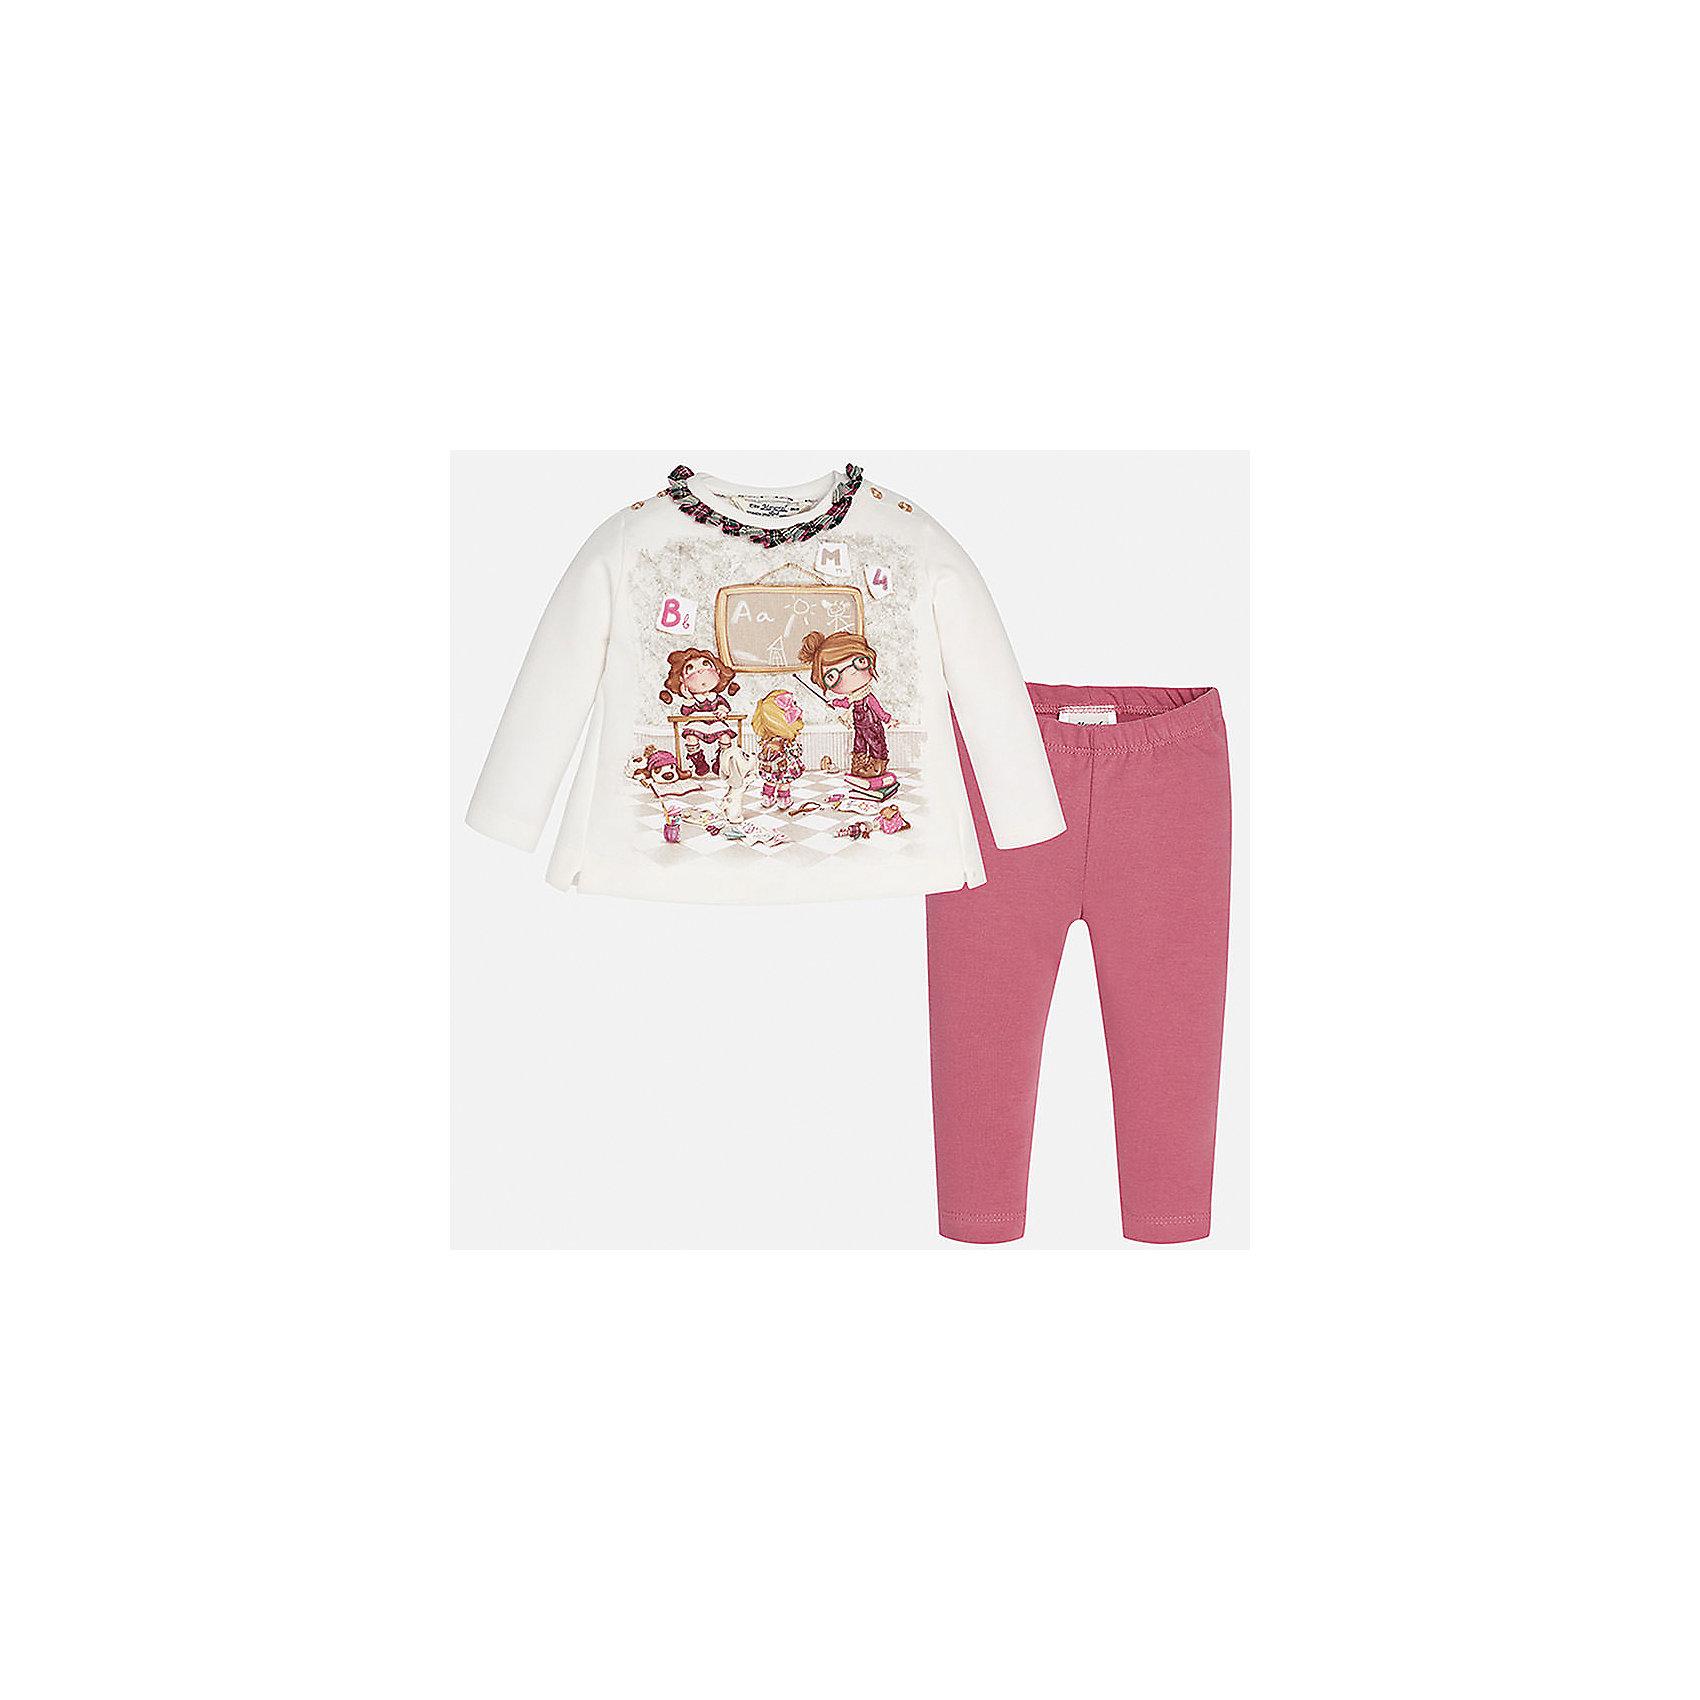 Комплект:футболка и леггинсы для девочки MayoralКомплекты<br>Комплект от Mayoral - стильный и практичный вариант для юных модниц! Футболка с длинным рукавом оформлена ярким принтом, контрастной оборкой по вороту, спинка декорирована небольшими складками и бантом. Ярко-розовые леггинсы на поясе с резинкой отлично смотрятся на фигуре, не вытягиваются, не сковывают движения.<br><br>Дополнительная информация:<br><br>- Мягкая трикотажная ткань.<br>- Комплектация: футболка с длинным рукавом, леггинсы. <br>- Футболка застегивается на кнопки на плечах.<br>- Округлый вырез горловины.<br>- Принт, контрастная оборка.<br>- Декоративные складки, бант на спине. <br>- Леггинсы на эластичном поясе с резинкой.  <br>Состав: <br> 95% хлопок,  5% эластан.<br><br>Комплект: футболку и леггинсы для девочки Mayoral (Майорал), белый/розовый, можно купить в нашем магазине.<br><br>Ширина мм: 123<br>Глубина мм: 10<br>Высота мм: 149<br>Вес г: 209<br>Цвет: красный<br>Возраст от месяцев: 12<br>Возраст до месяцев: 18<br>Пол: Женский<br>Возраст: Детский<br>Размер: 86,92,74,80<br>SKU: 4846209